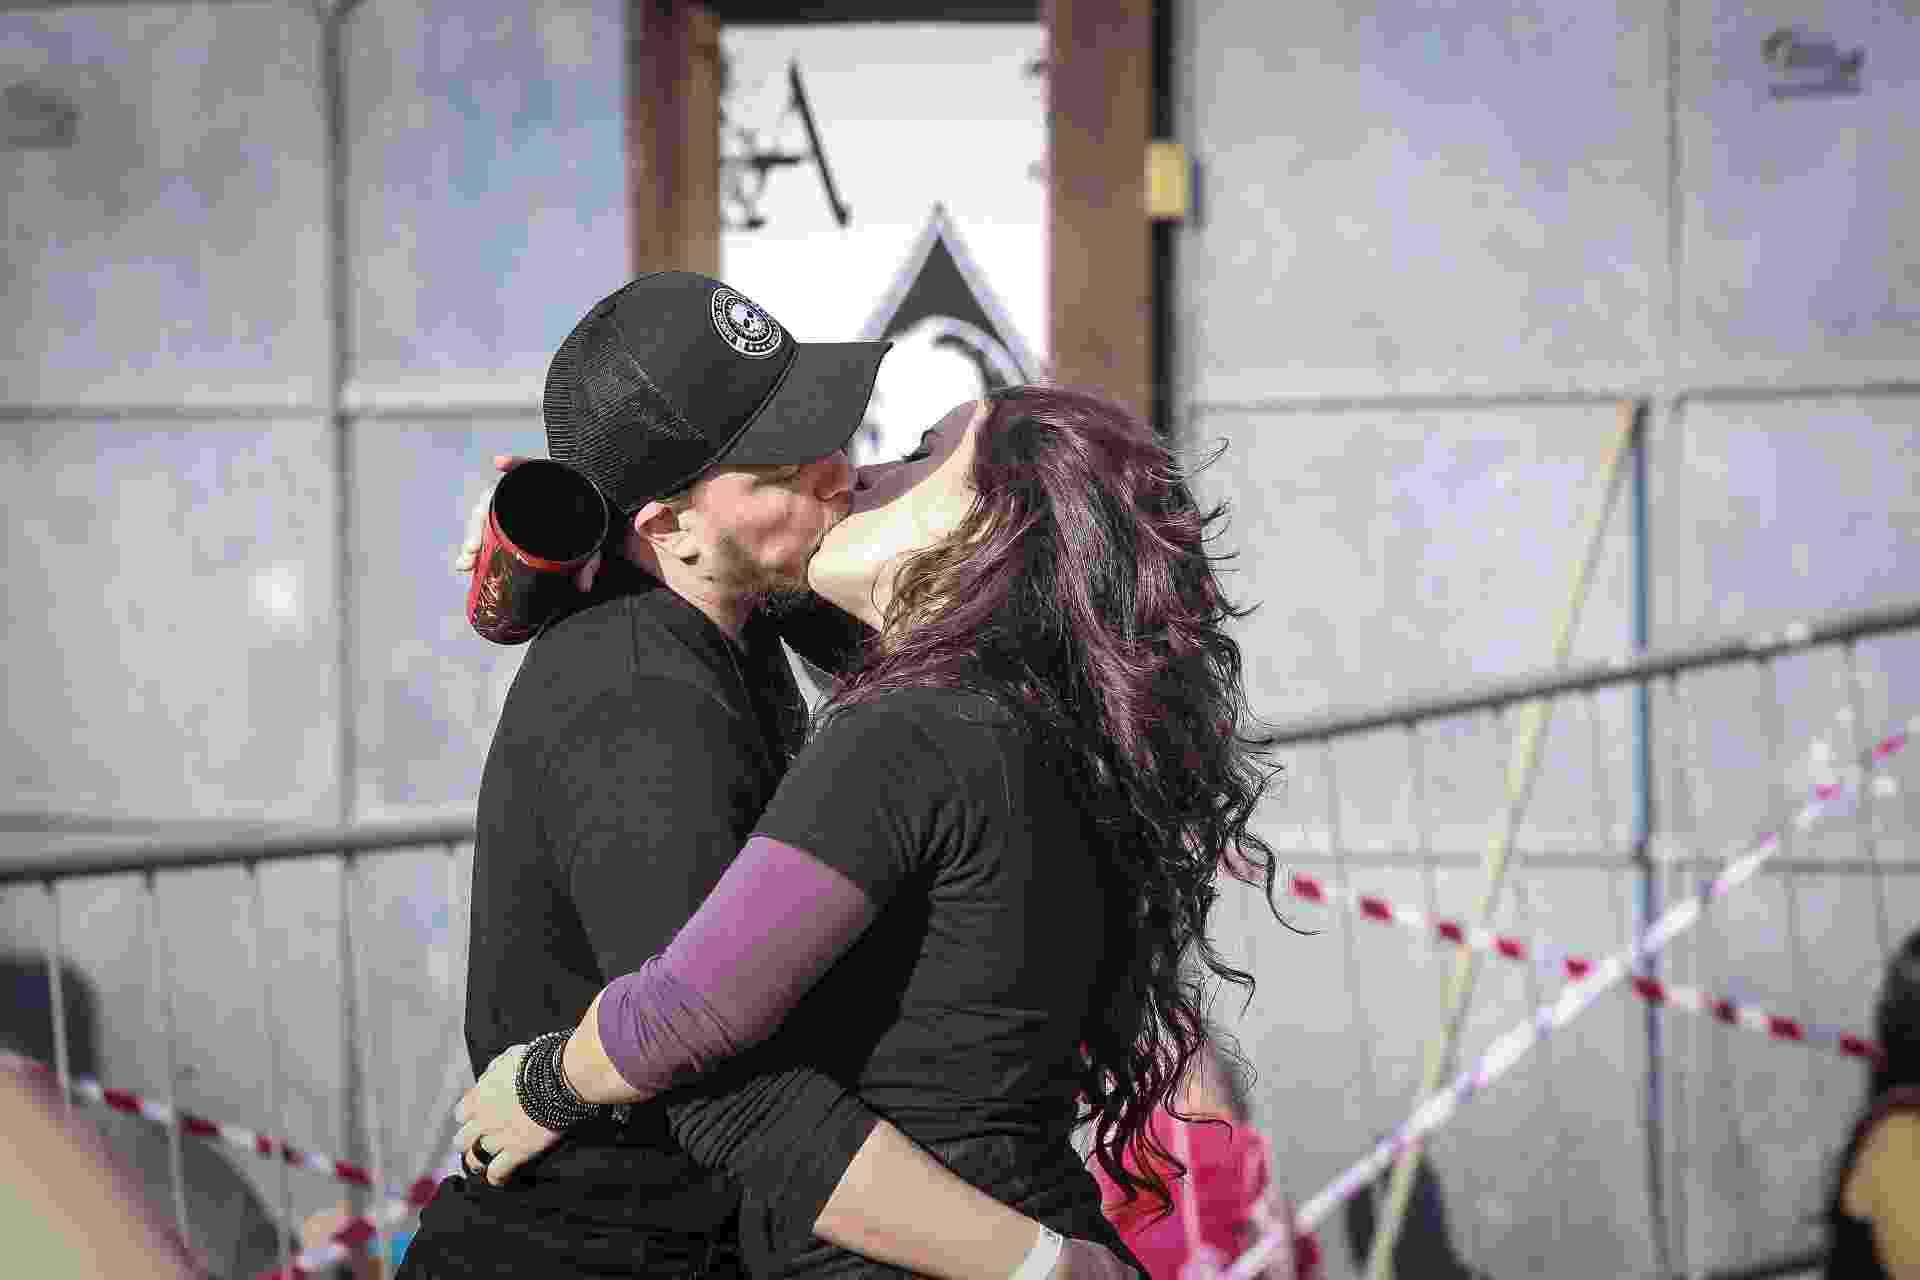 7.set.2016 - Casal se beija durante a primeira edição do Maximus Festival, que reúne bandas de rock e metal no Autódromo de Interlagos, em São Paulo - AgNews